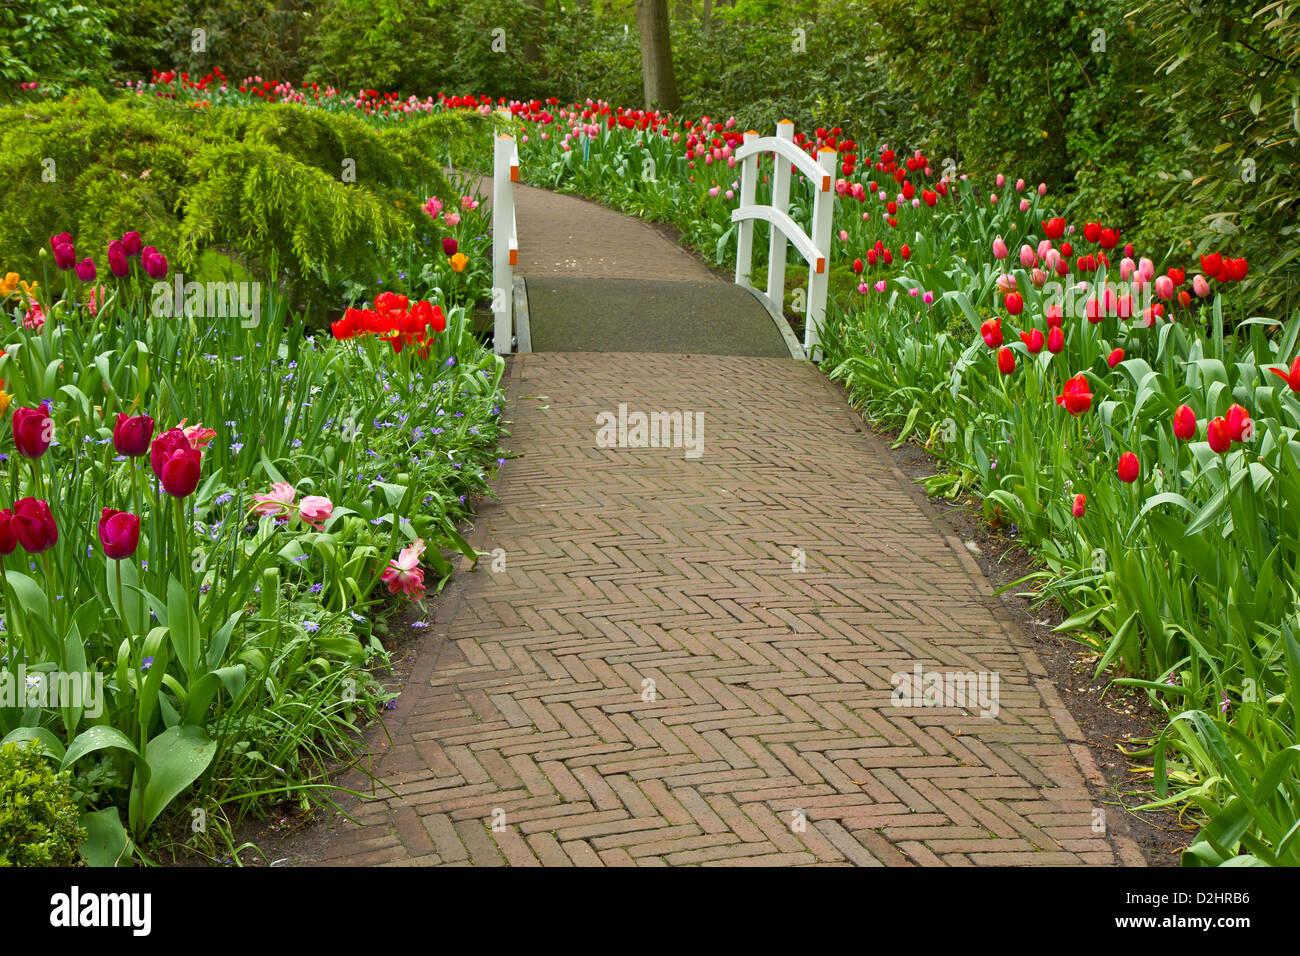 Winding Garden Path Stock Photos & Winding Garden Path Stock Images ...